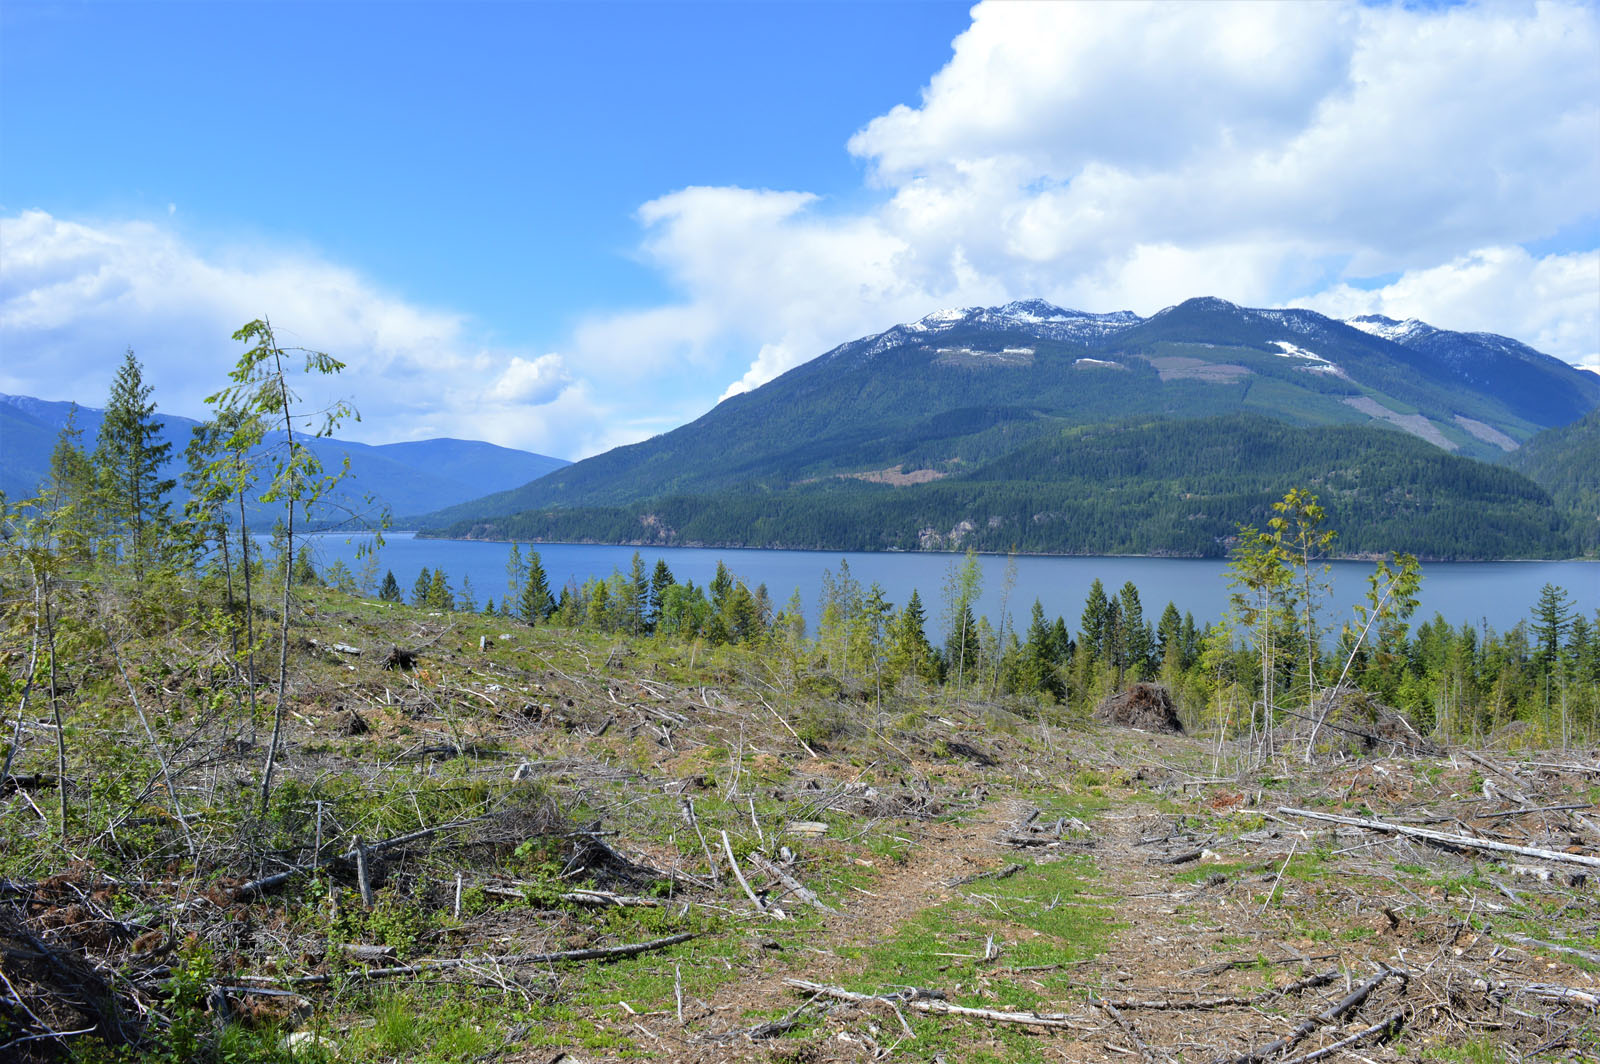 Kootenay lake 12